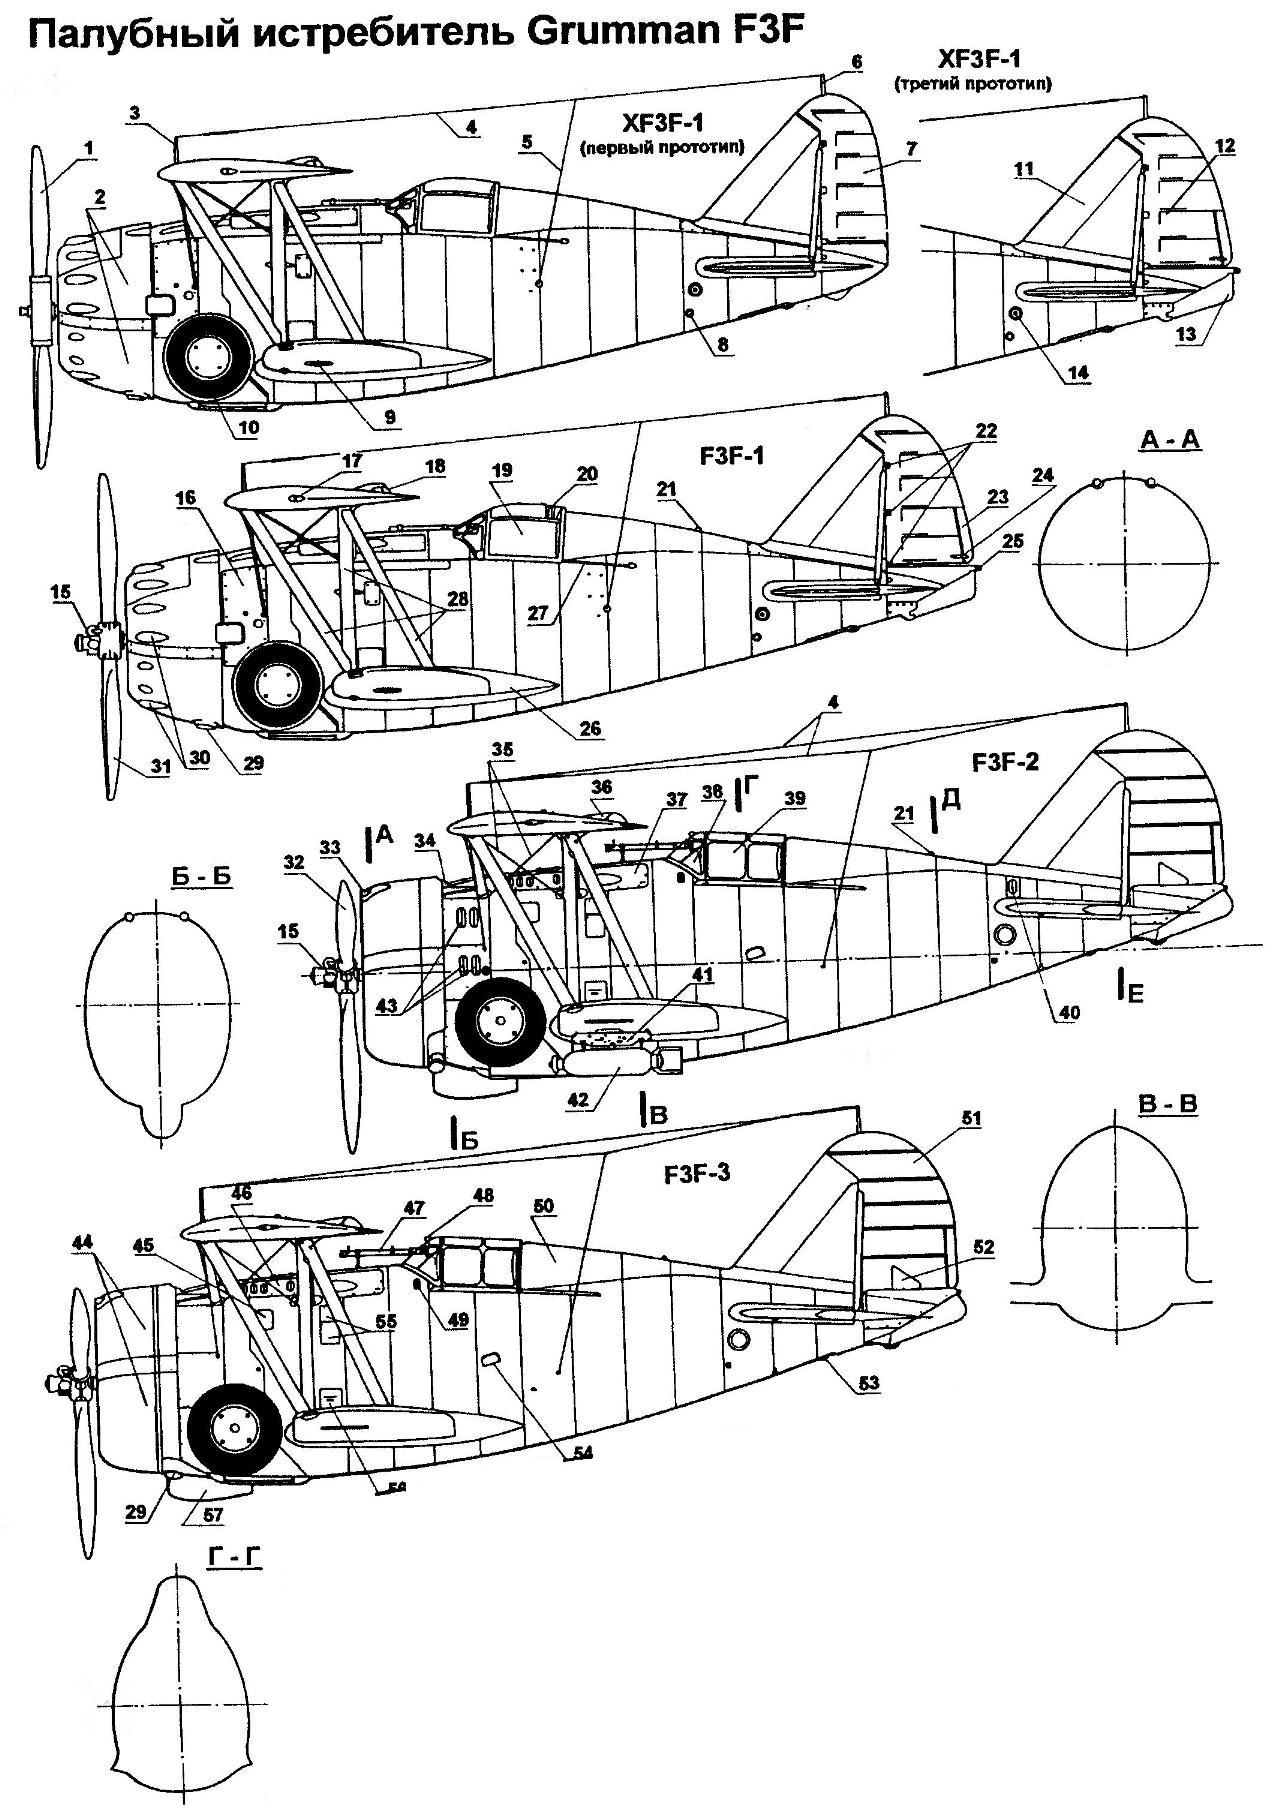 Палубный истребитель Grumman F3F